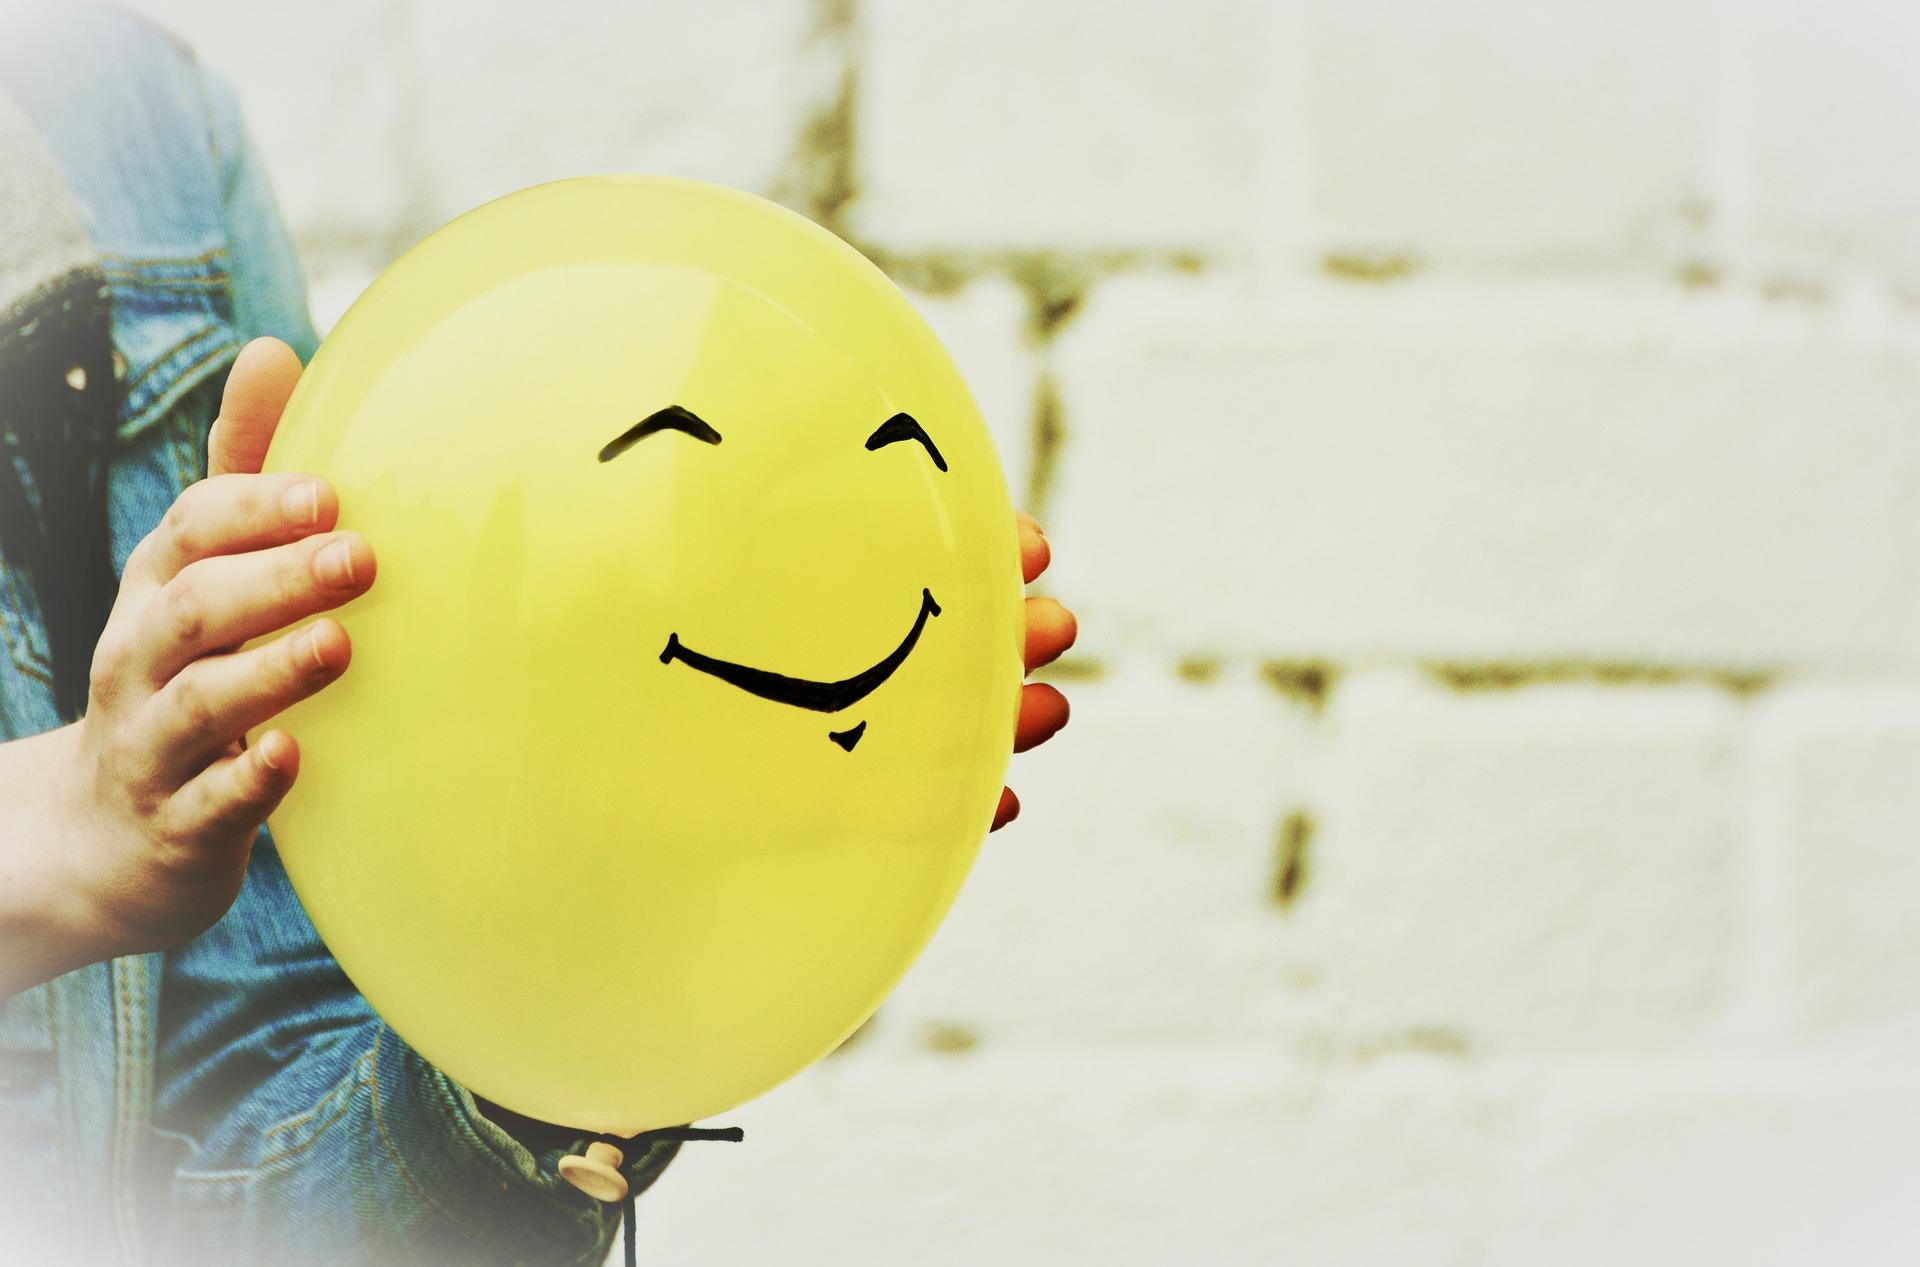 Čo ak sa stratí chuť do života? Štúdie ukazujú, že to ide aj bez antidepresív a s pomocou Macy peruánskej